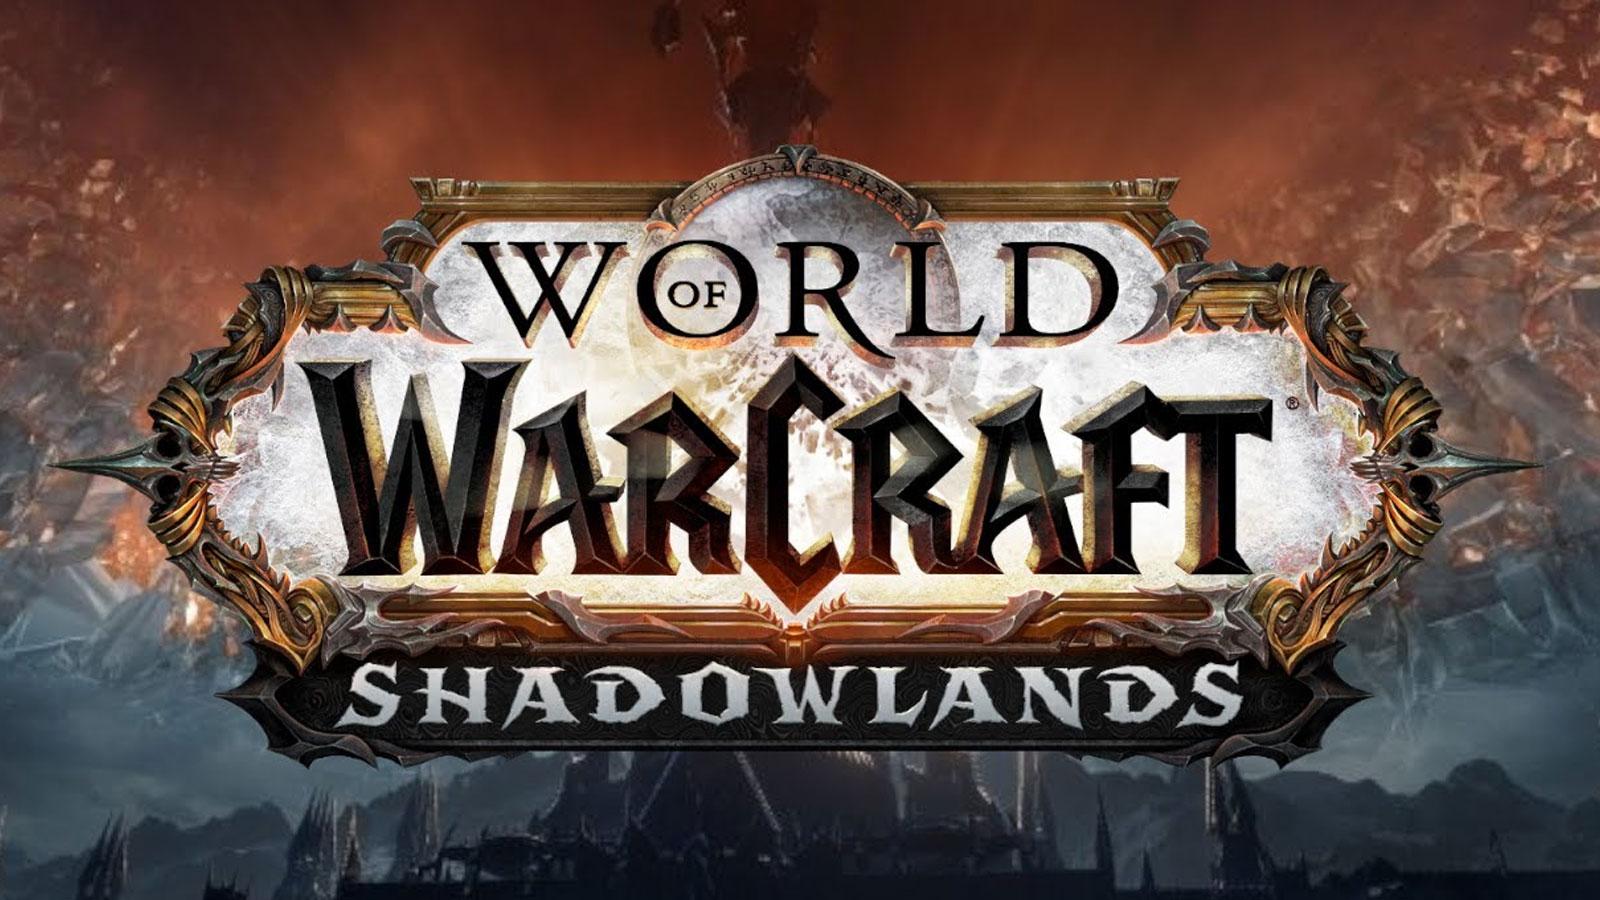 Nueva cinemática World of Warcraft Shadowlands